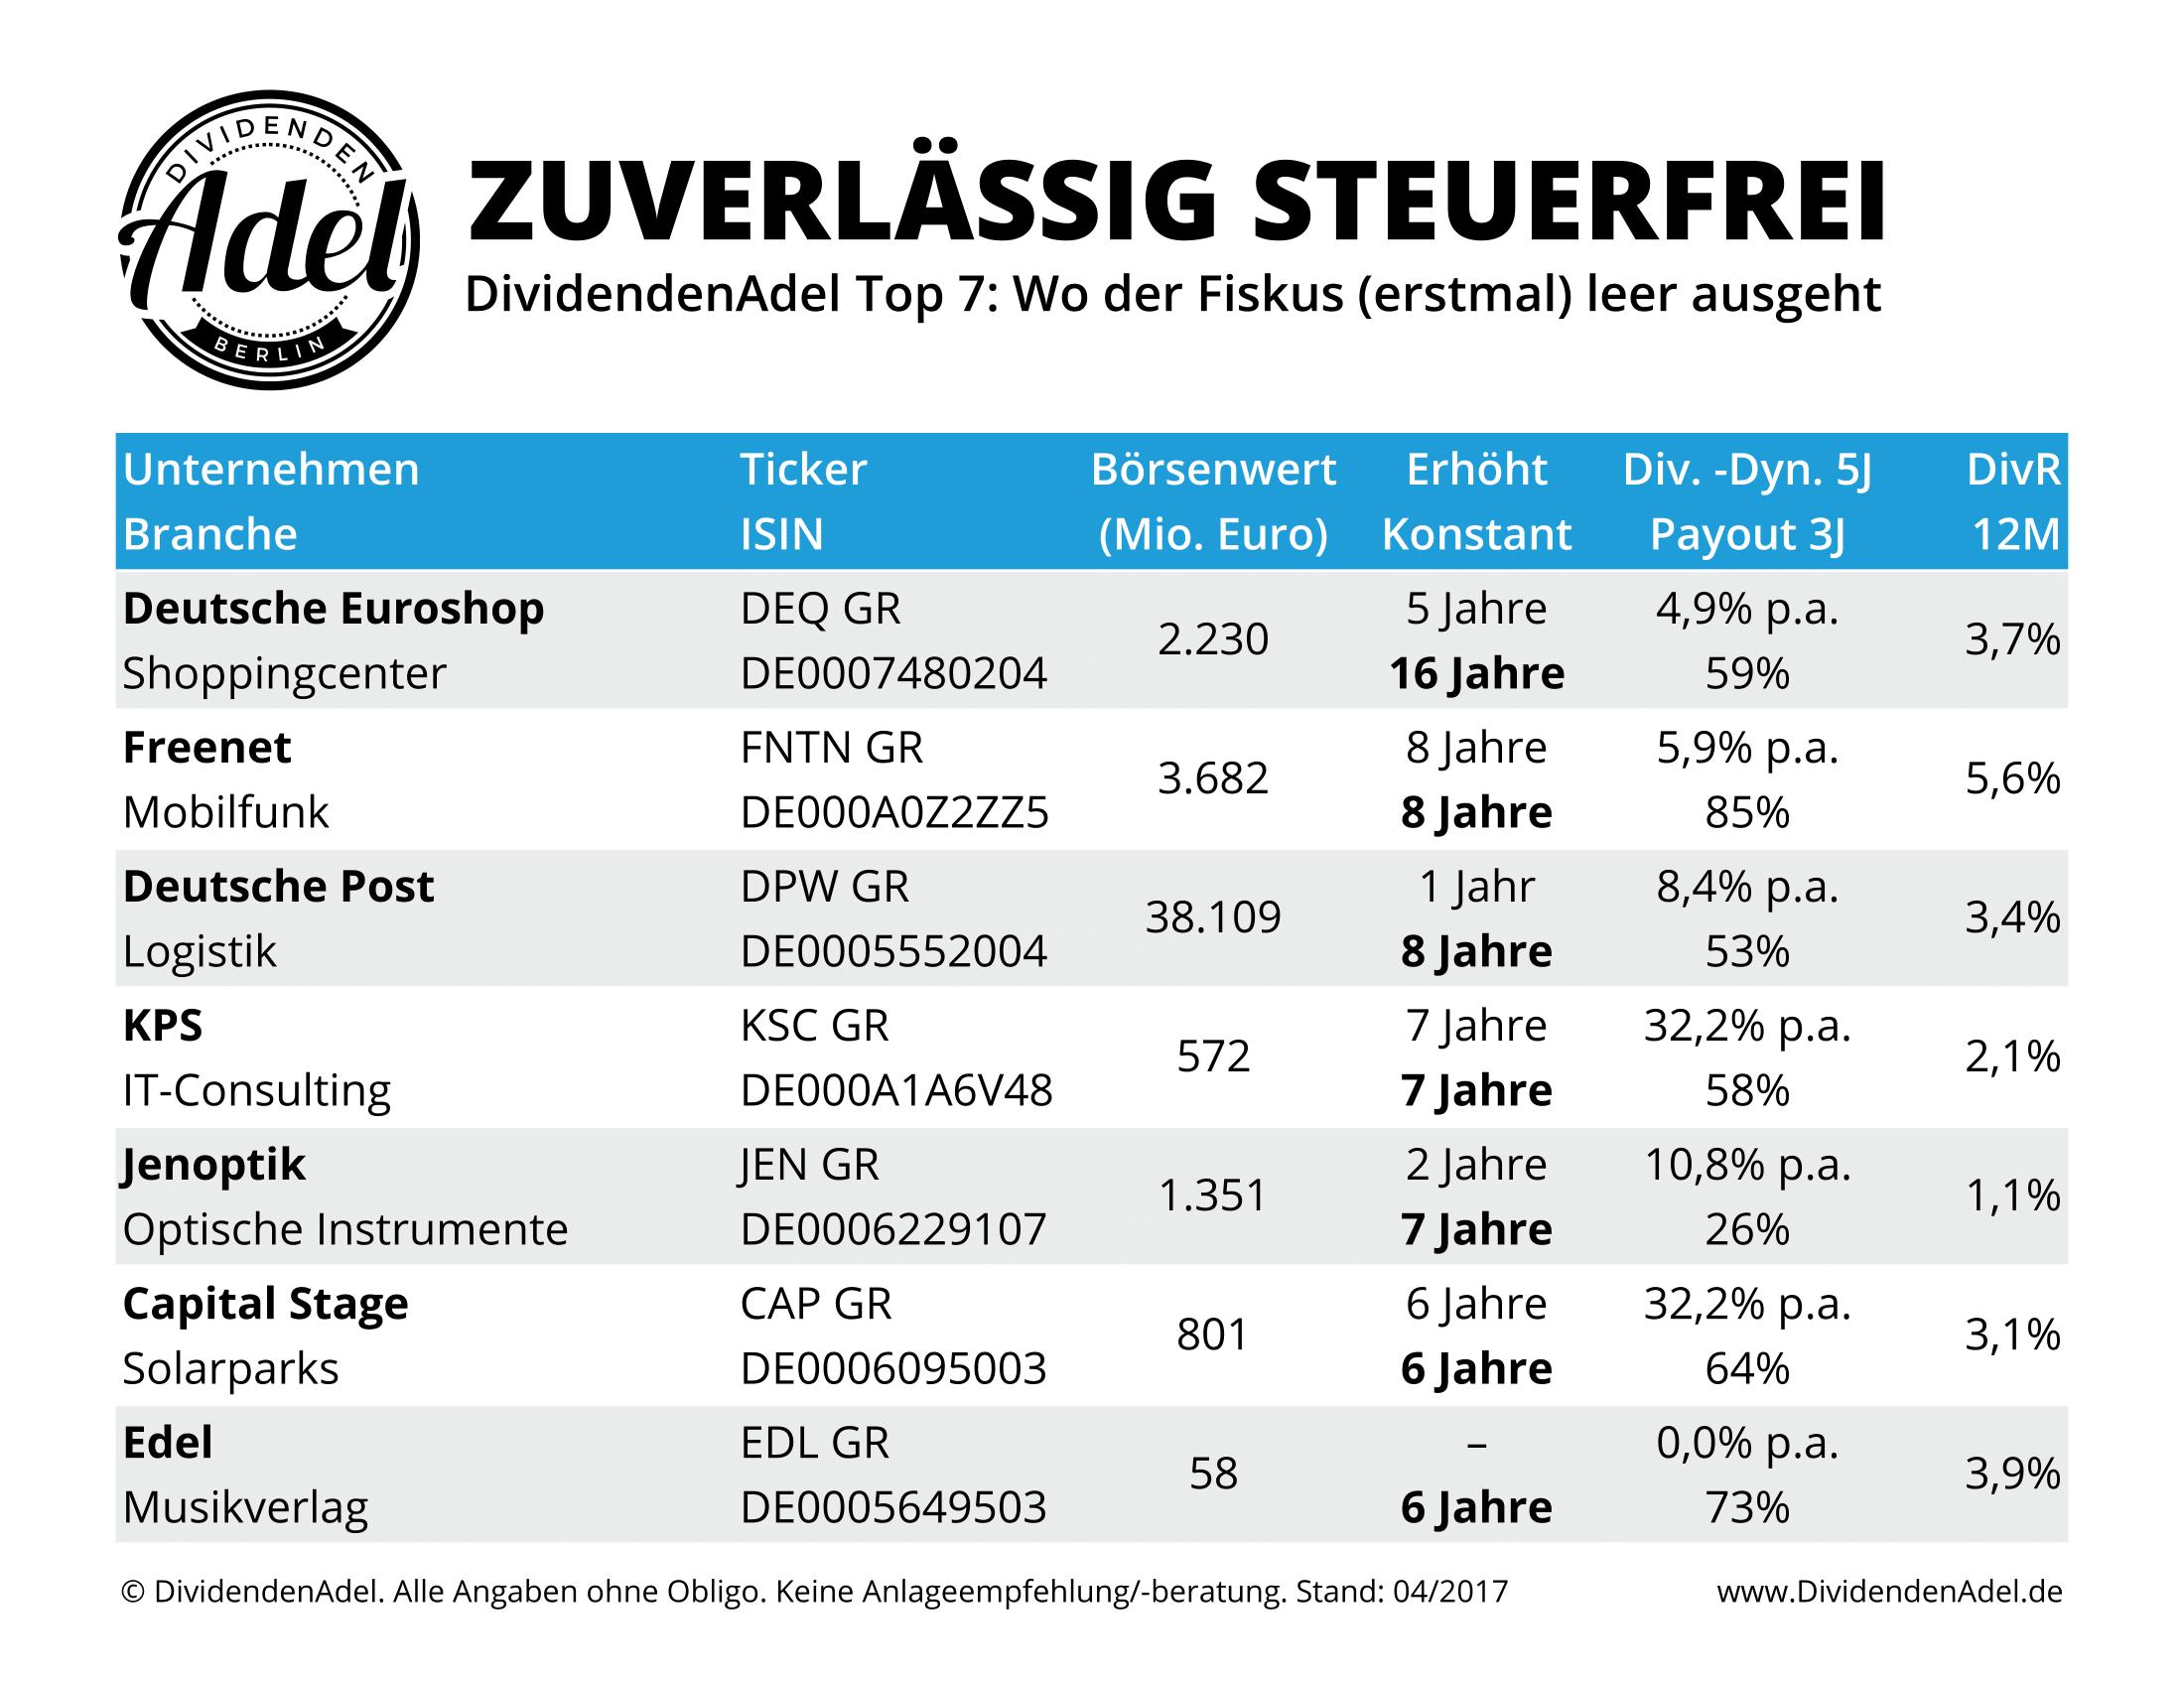 2017-04-22 Top 7 Zuverlässig steuerfrei